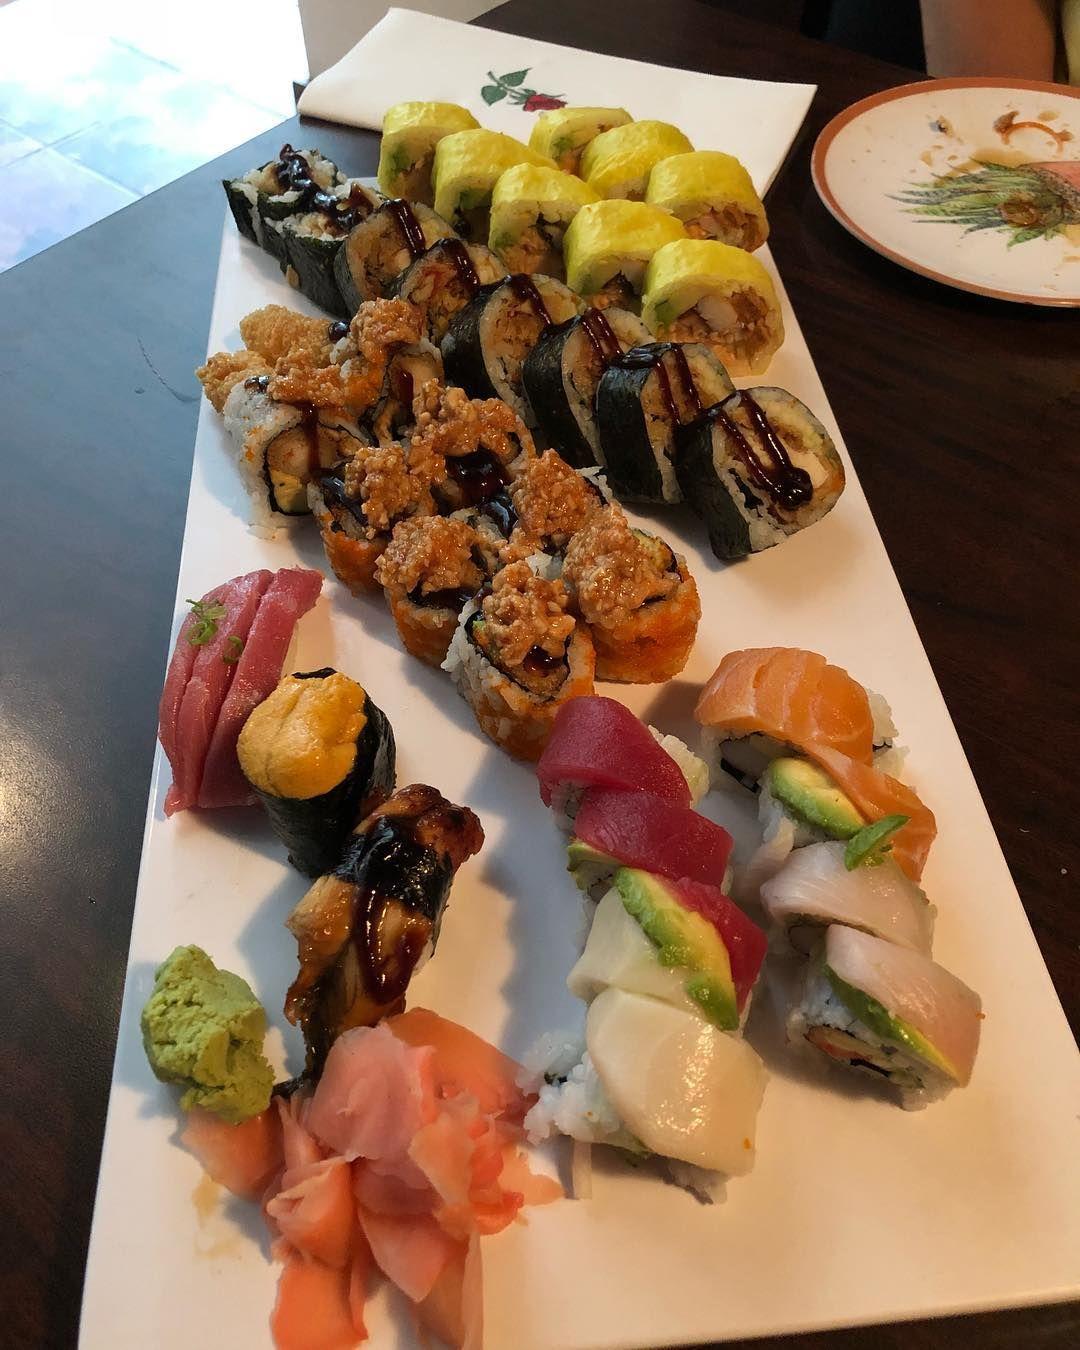 Banbu Porn finally some #food #whynot #sushi #yum #foodporn